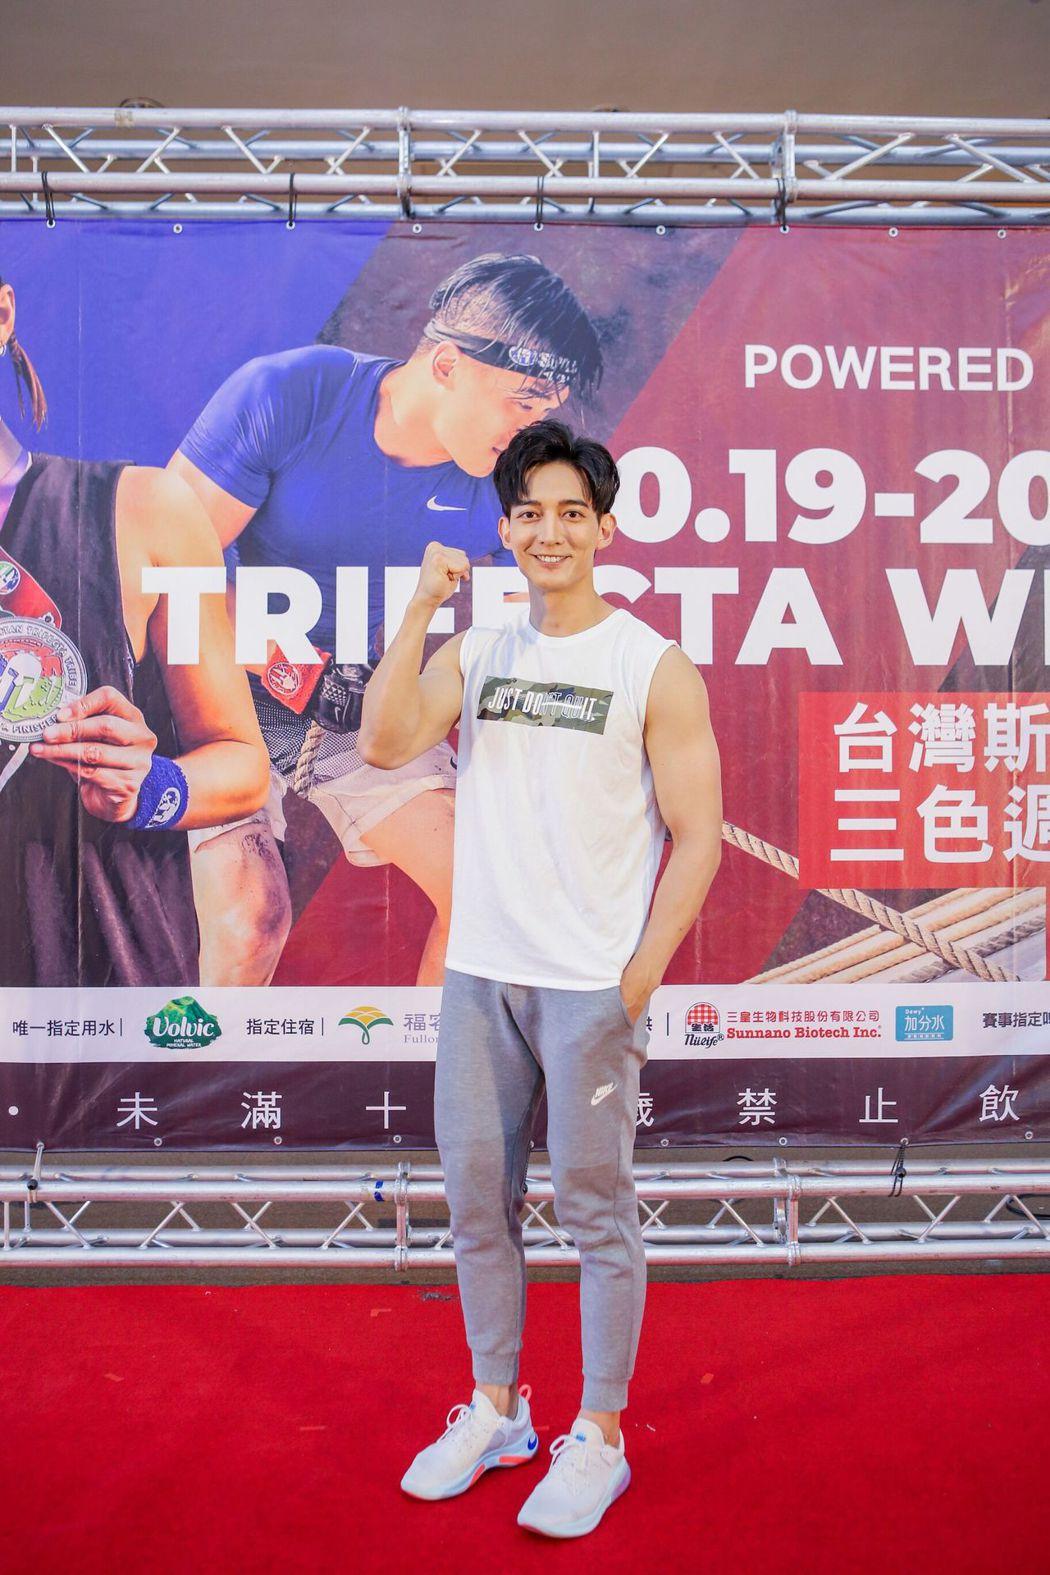 王家梁斯巴達障礙跑競賽擔任推廣大使  圖/寬魚國際提供